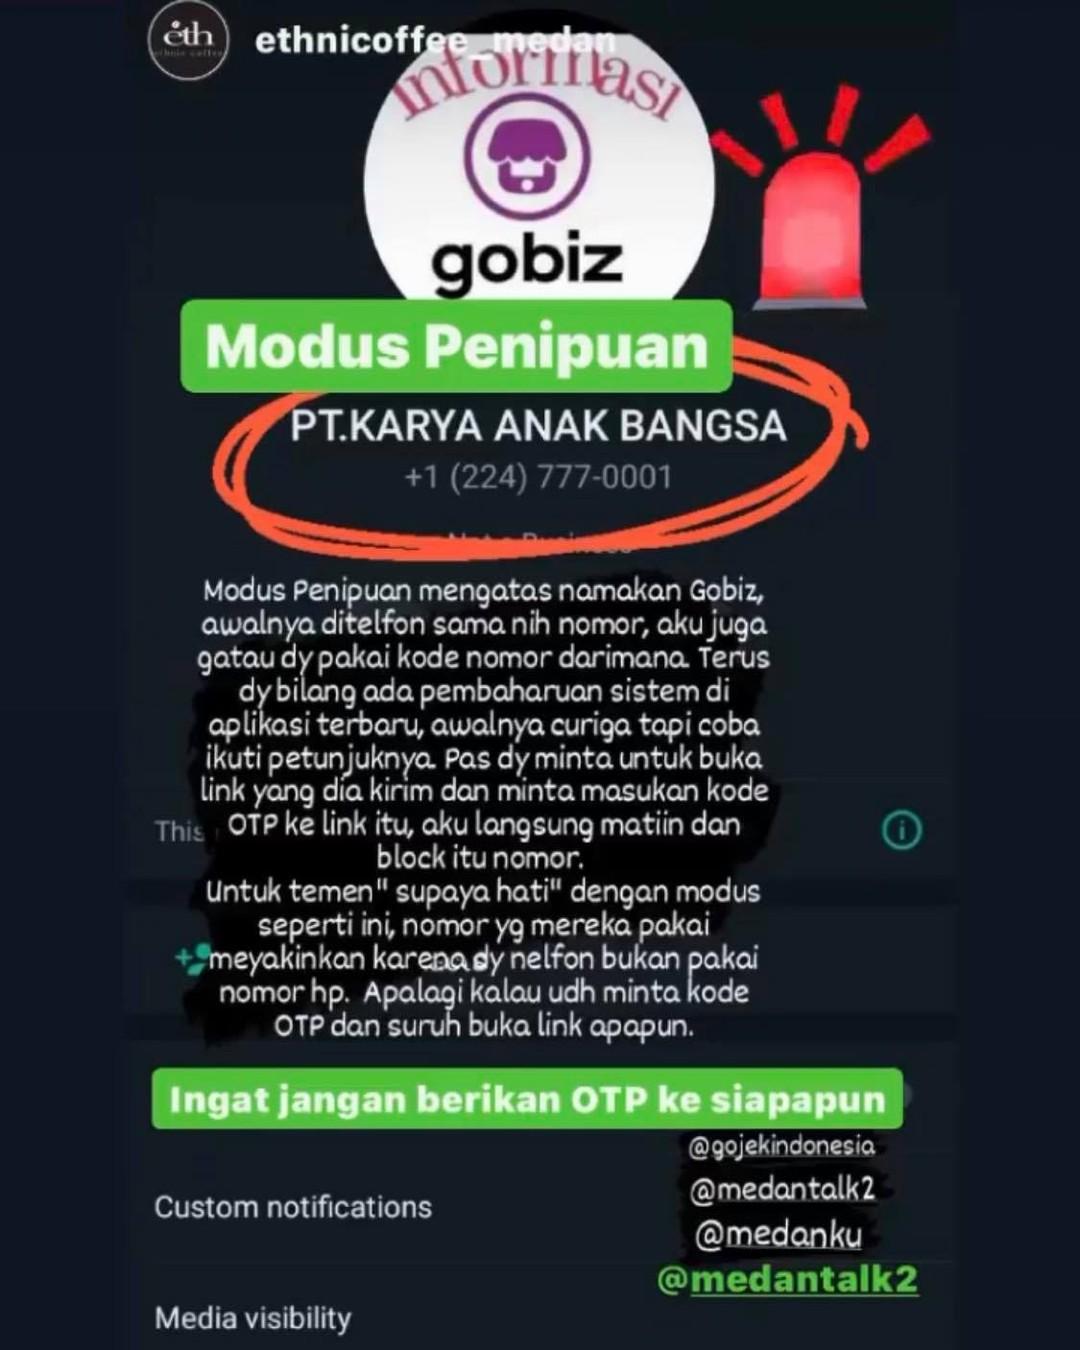 Modus Penipuan atas nama gobiz, dikirim link untuk isi OTP  Ingat jangan berikan kode OTP anda kepada siapapun  Laporan video dikirim oleh kawanmedantalk